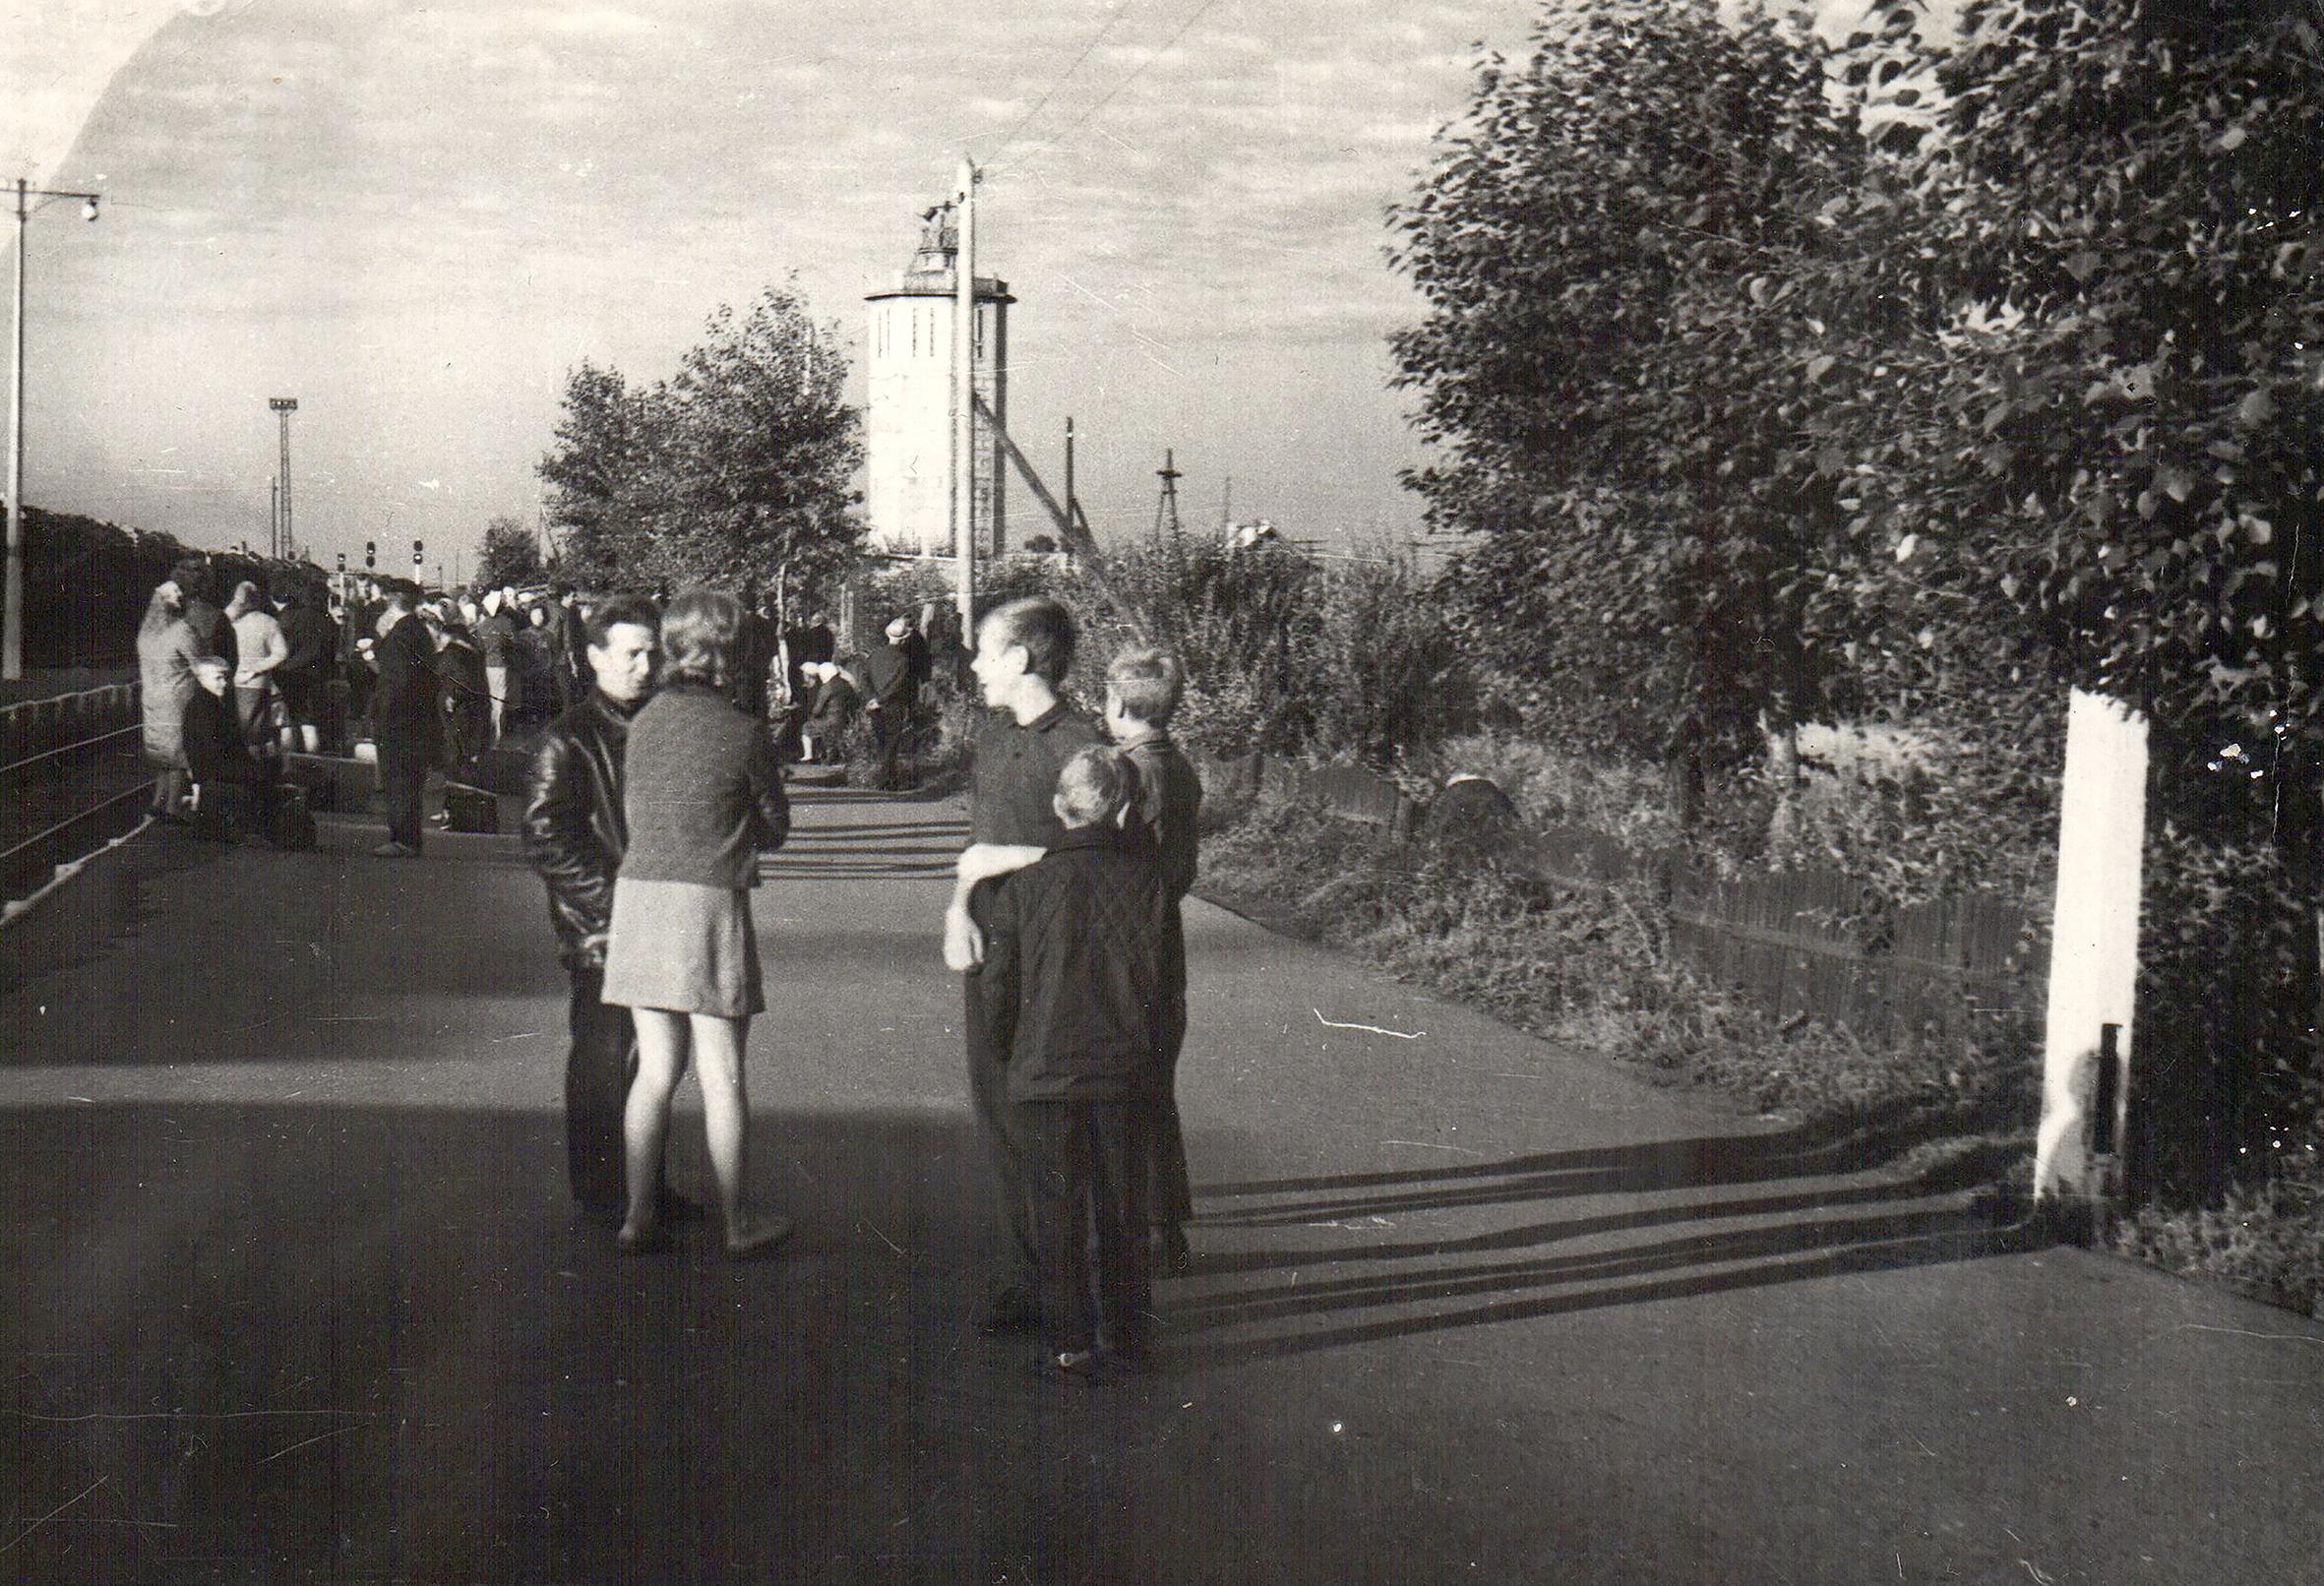 Фото 1970-го года, начало лета, на перроне